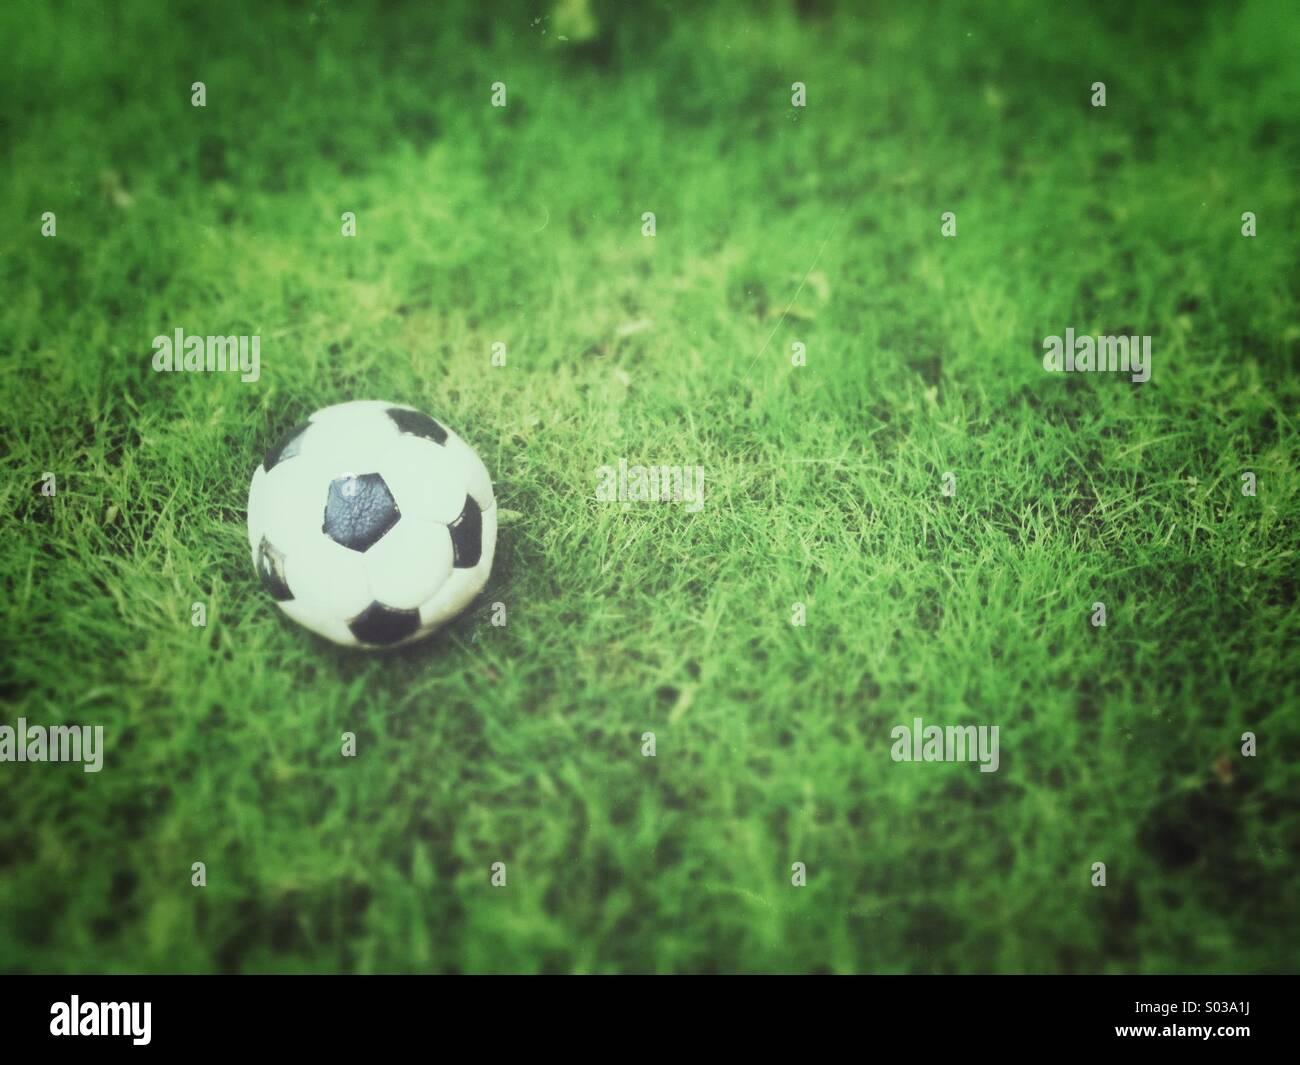 Vecchio calcio, deflazionato sull'erba. Grunge e tilt-shift gli effetti applicati. Immagini Stock